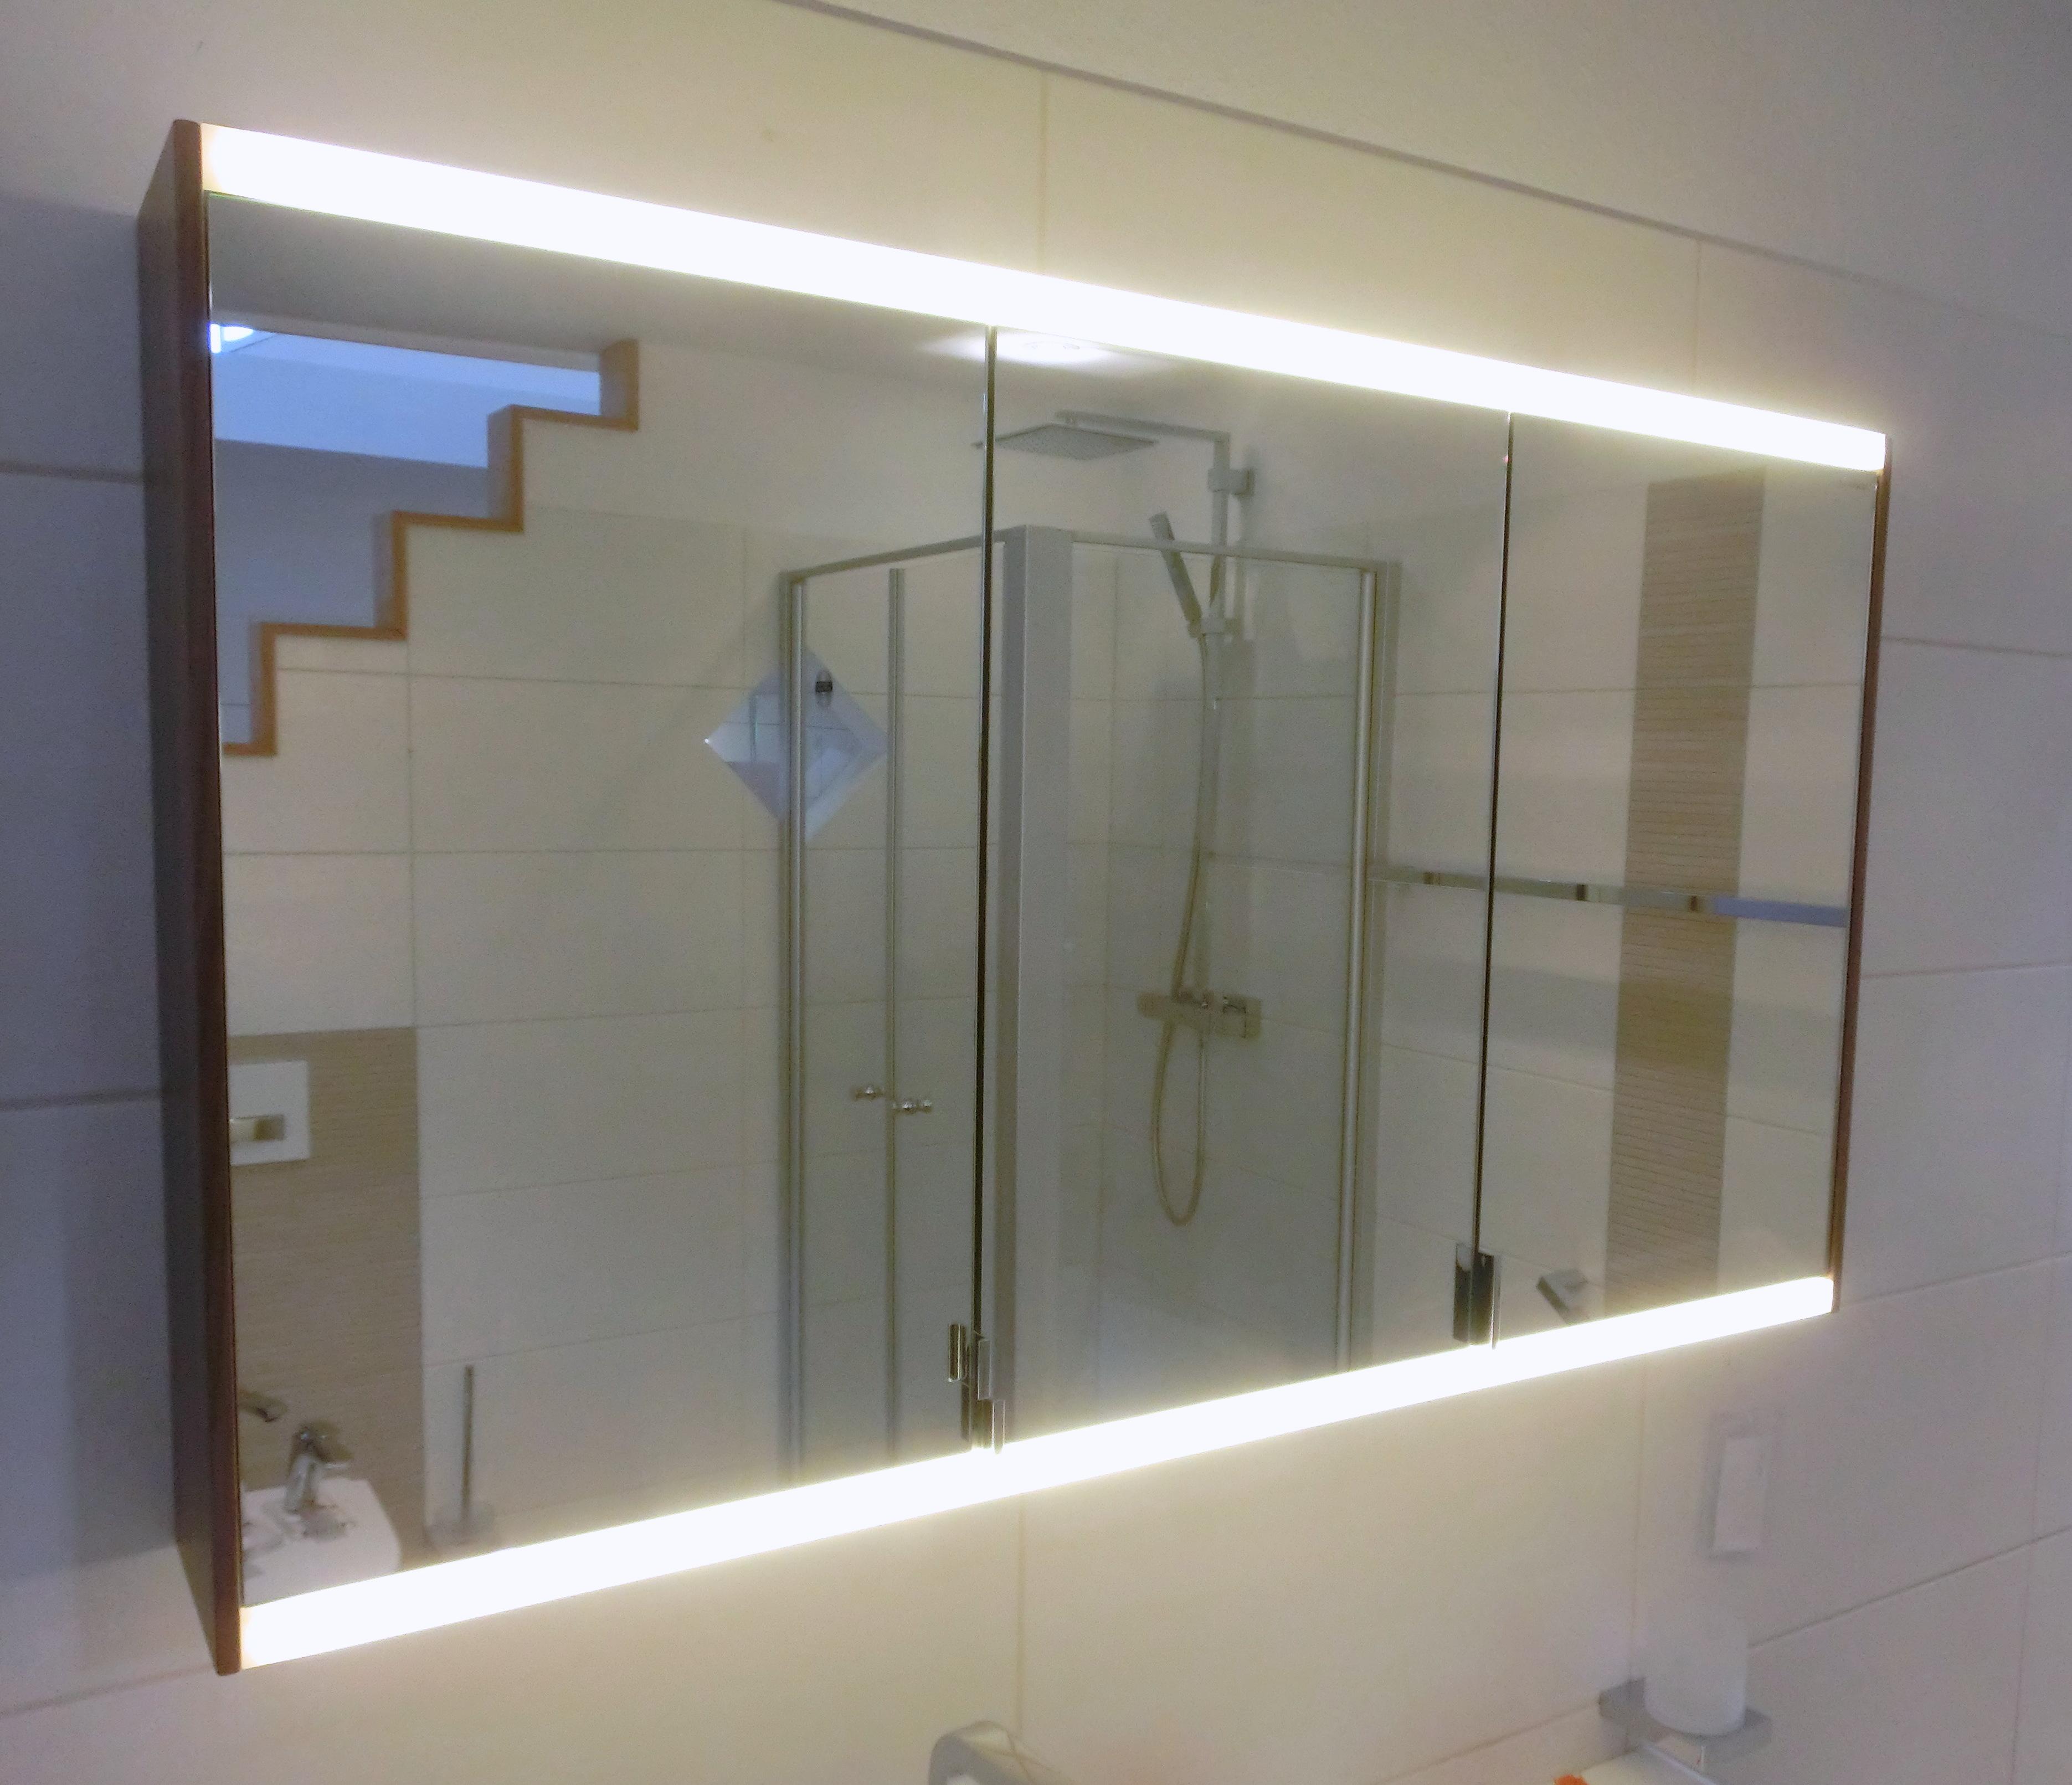 Bilder zu Burgbad Yso Spiegelschrank 112cm mit LED-Beleuchtung ...